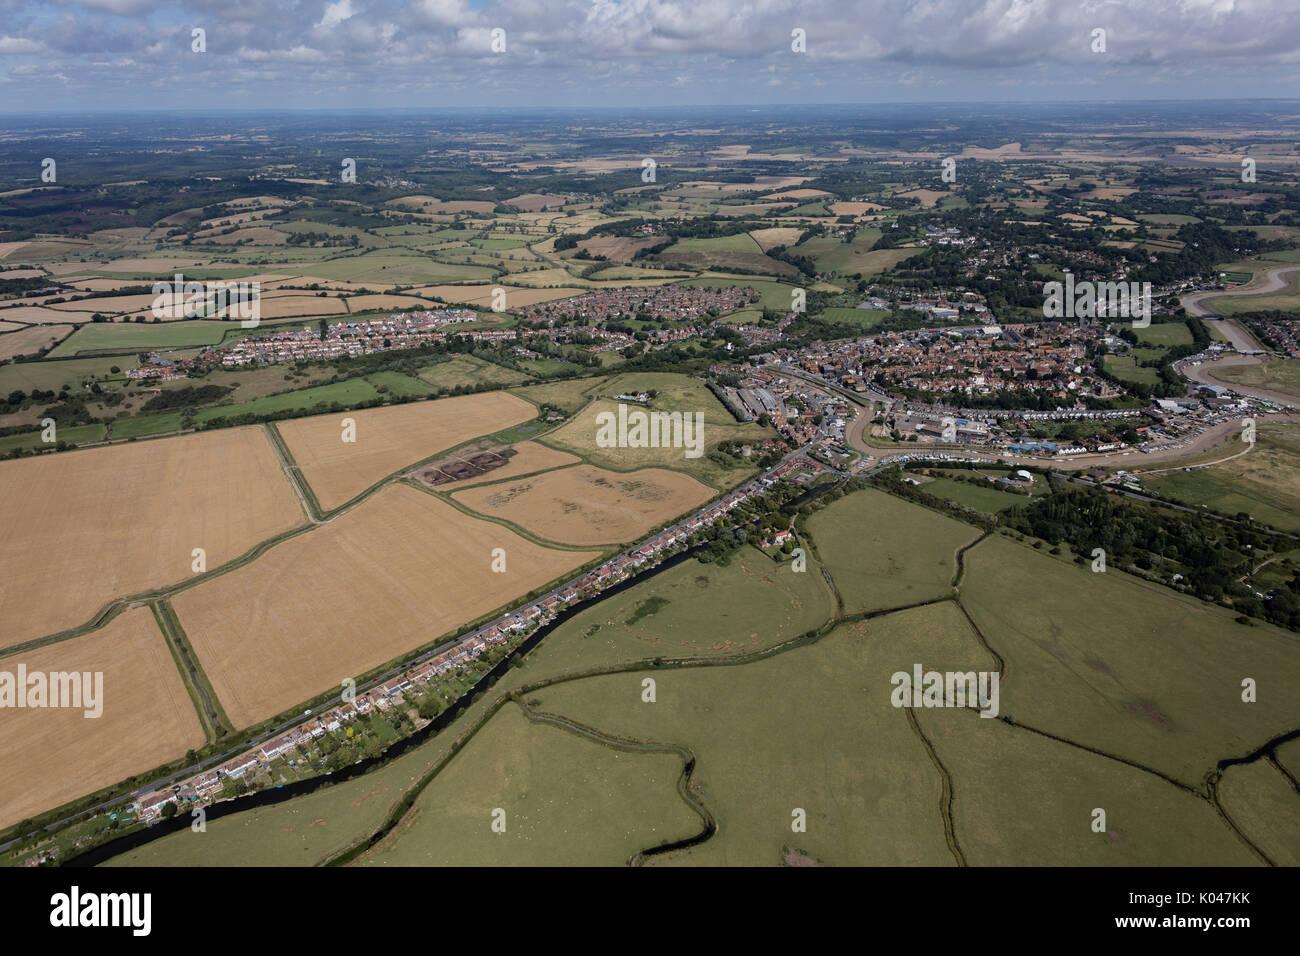 Une vue aérienne de la ville de Rye et entourant la campagne du Sussex de l'Est Photo Stock